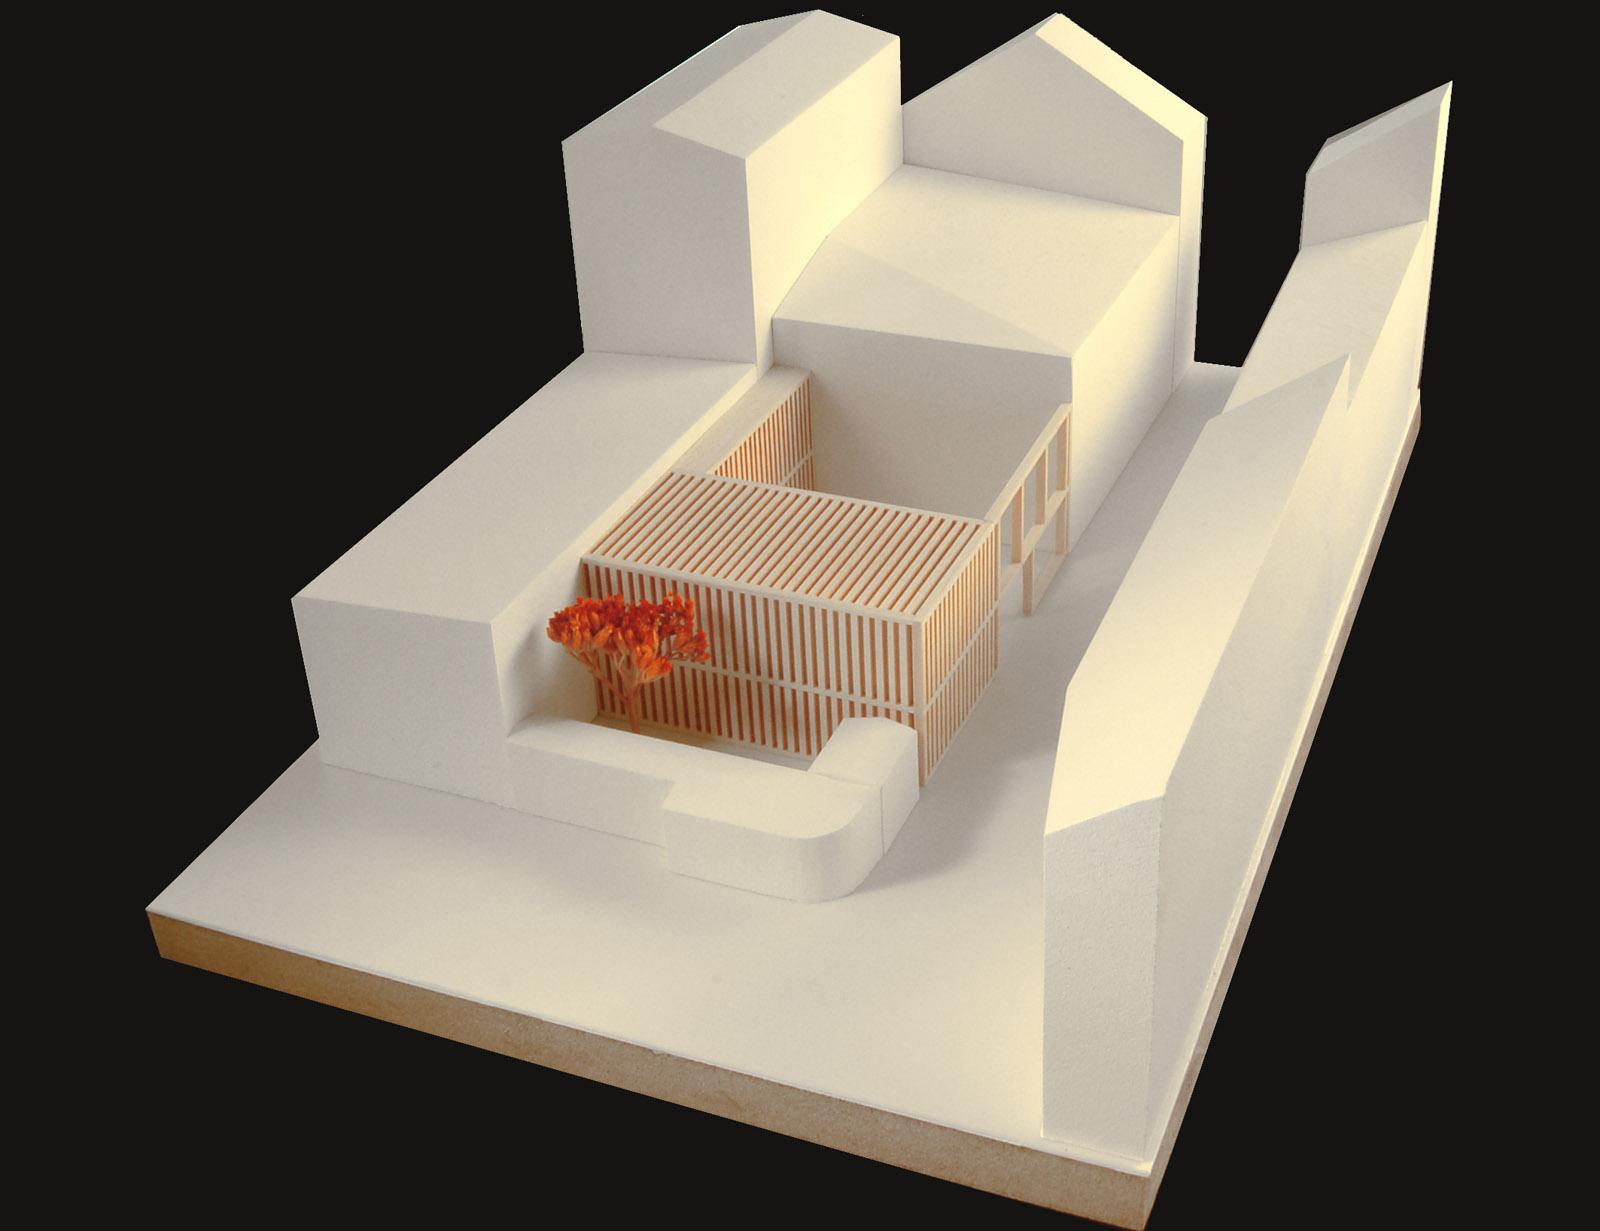 Modell-Wettbewerb-Werdenfels-Museum-Garmisch-Partenkirchen-3.Preis-2013-© Friedrich-Poerschke-Zwink-Architekten